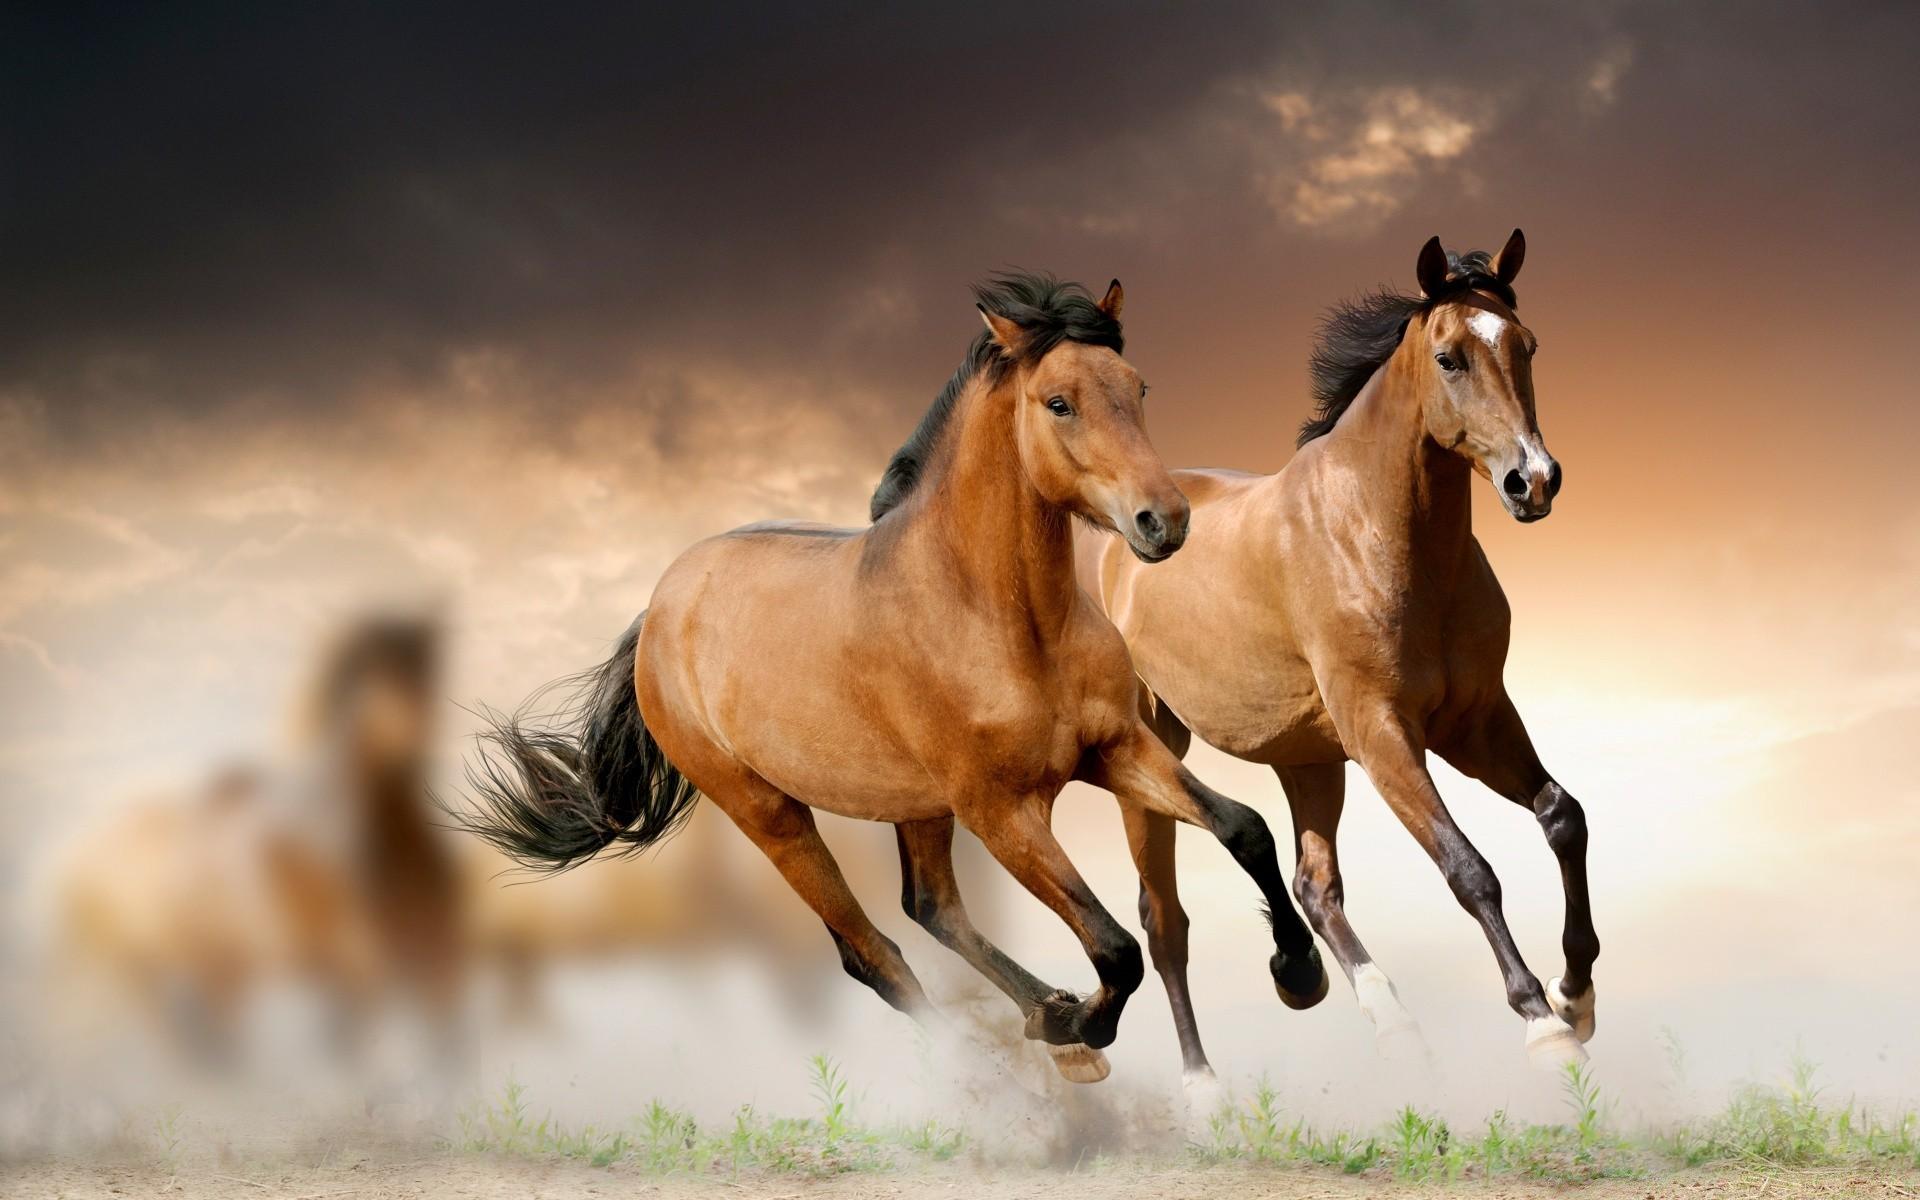 Картинки с лошадьми на рабочий стол во весь экран